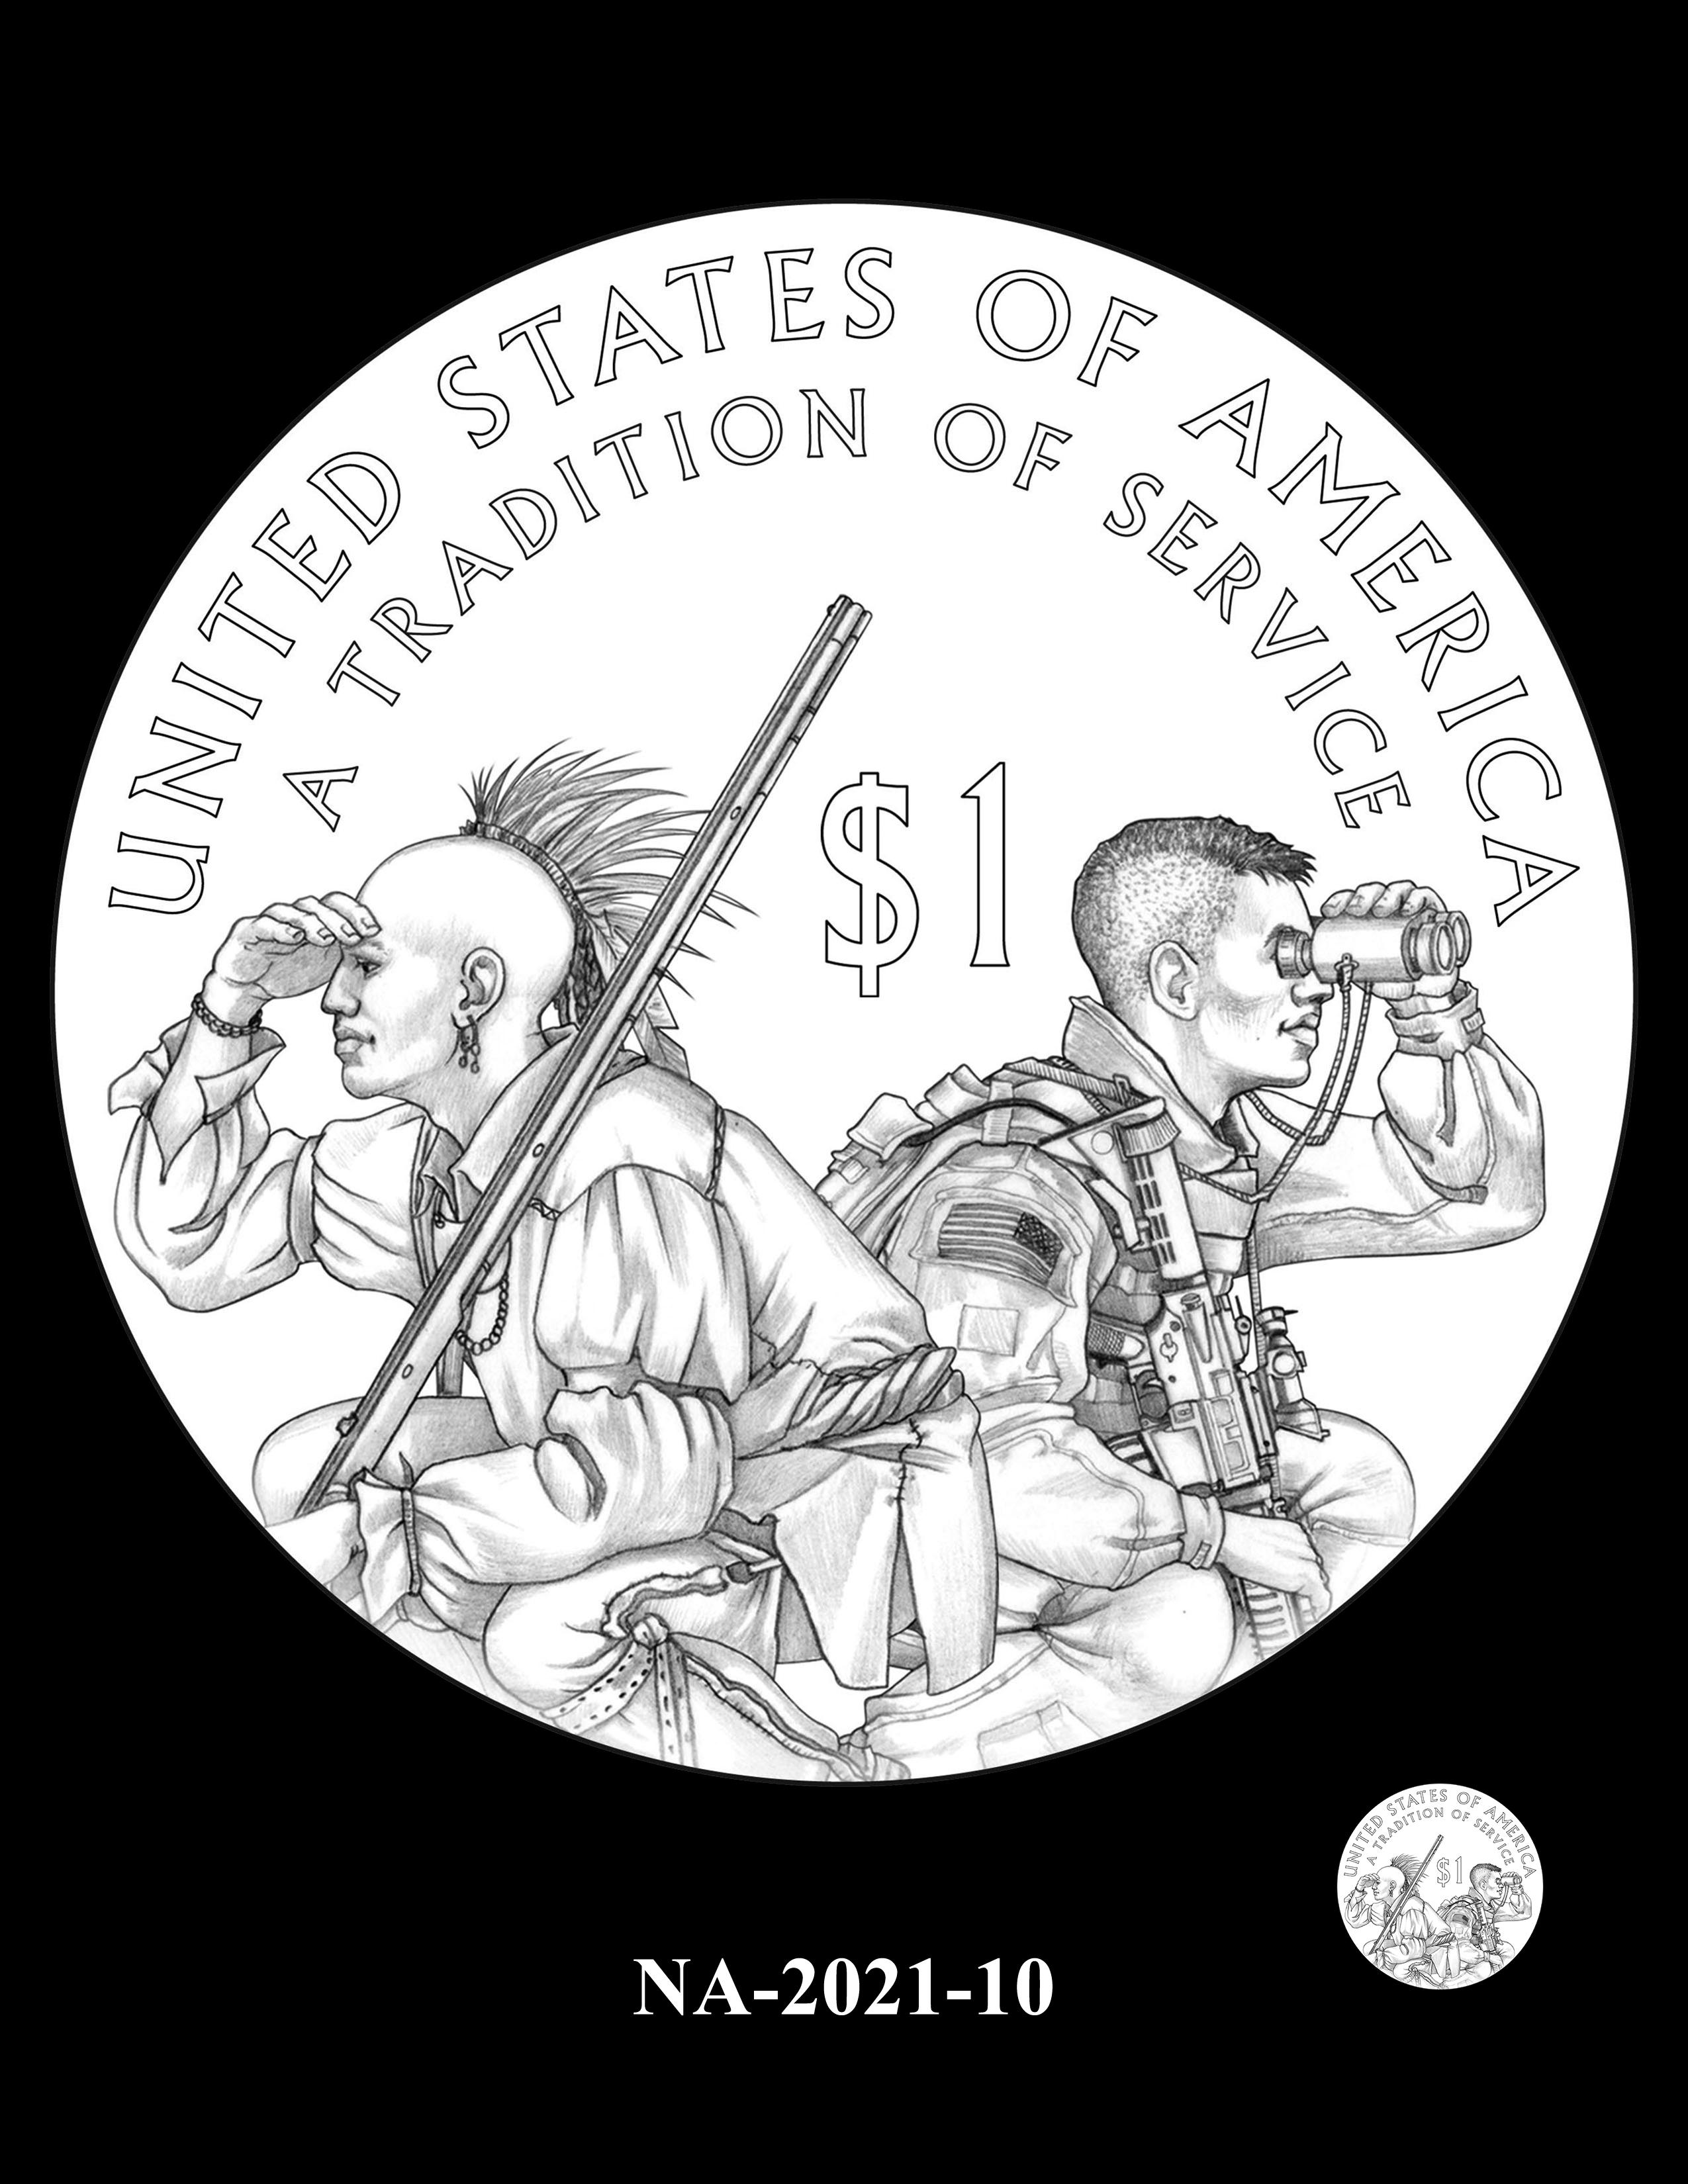 NA-2021-10 -- 2021 Native American $1